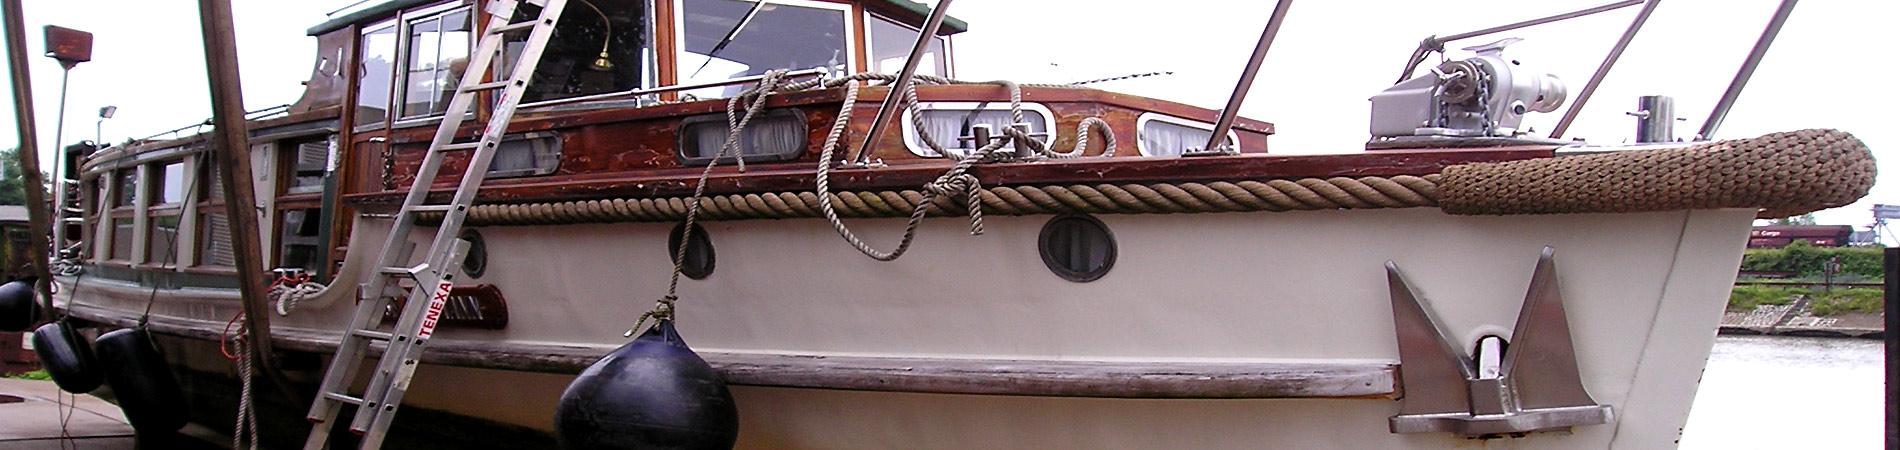 Yachtservice Meidericher Schiffswerft MSW Duisburg - Yachtservice-Umbau